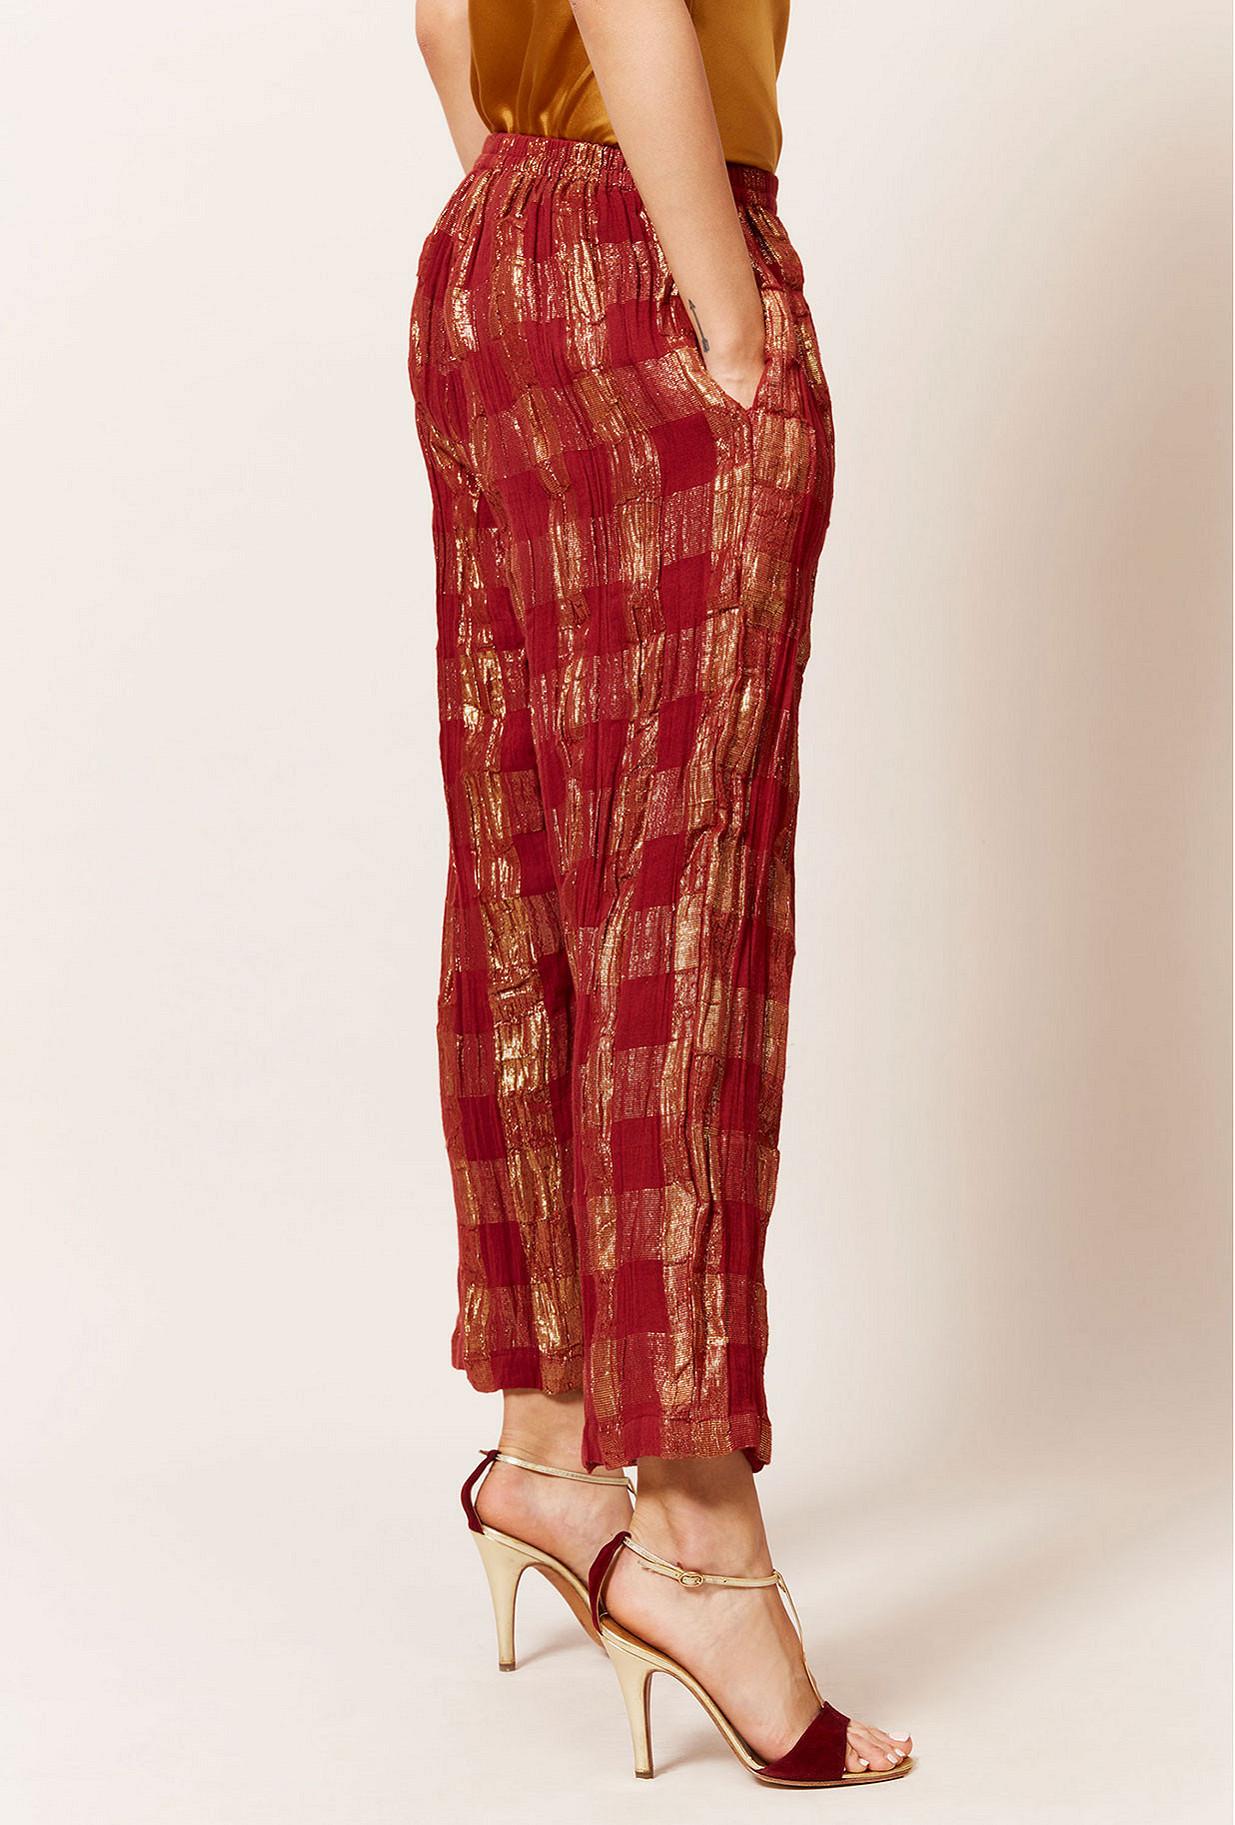 Red  Pant  Majeste Mes demoiselles fashion clothes designer Paris